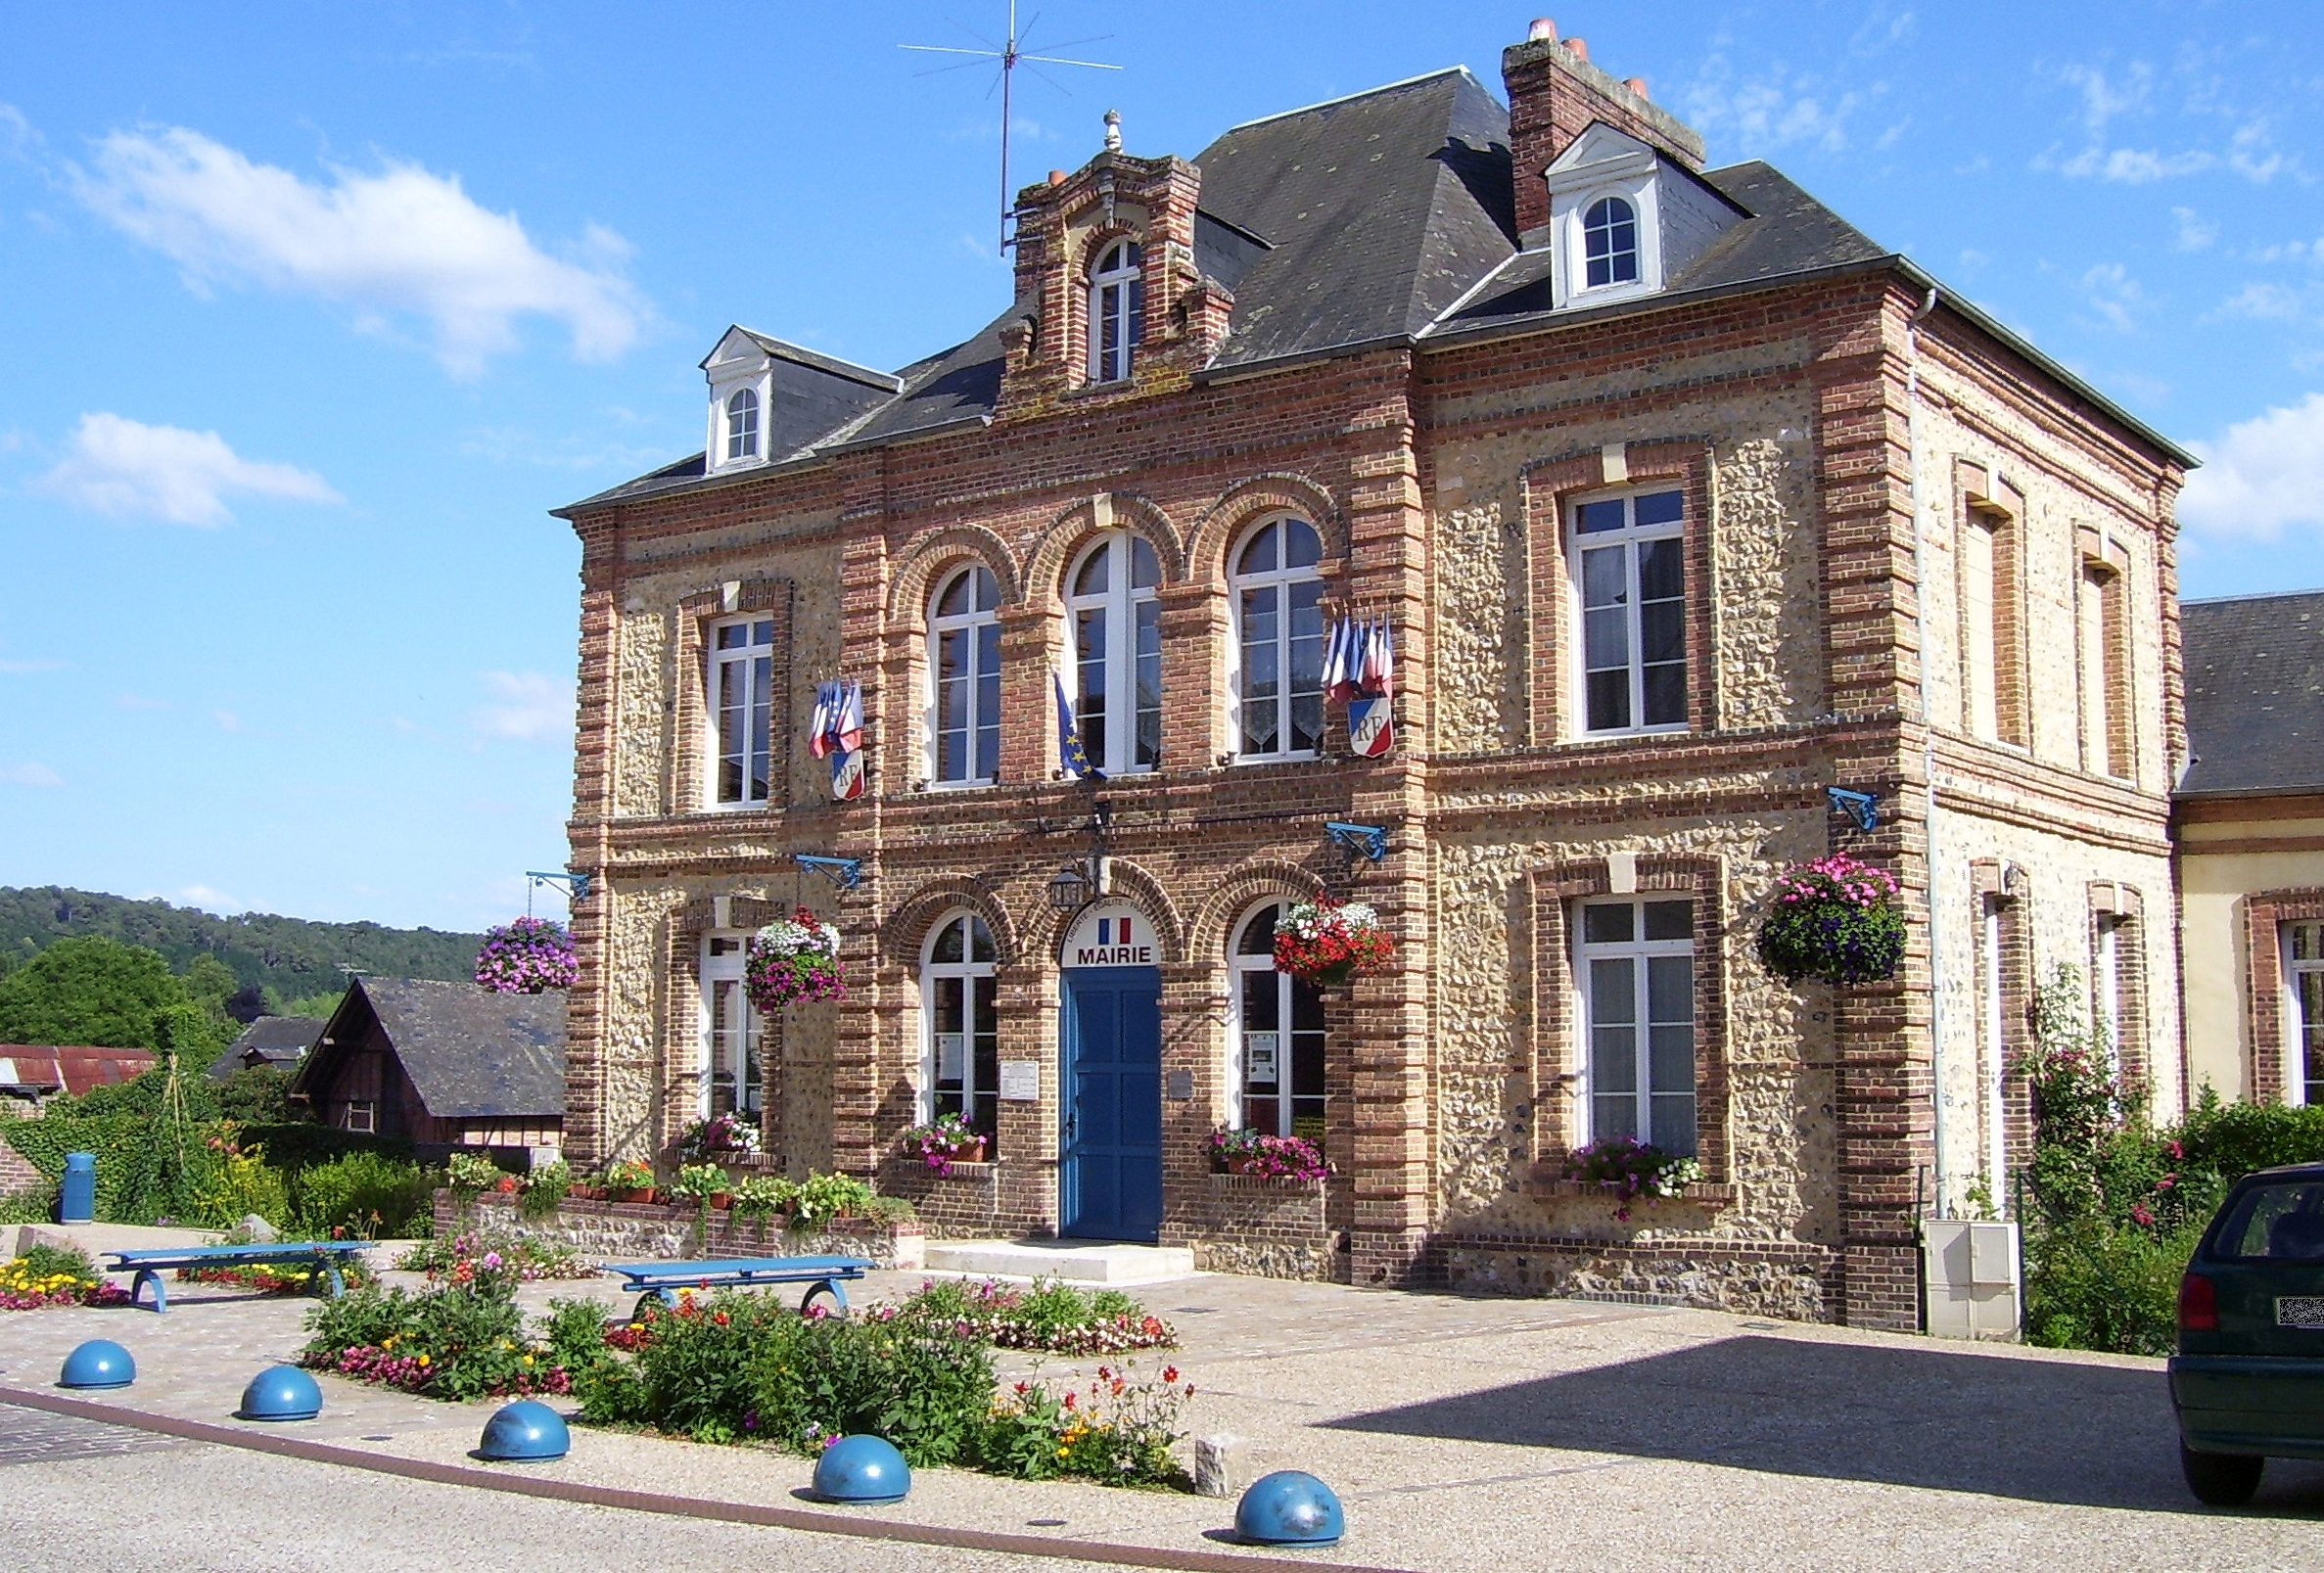 mairie, rathaus, town hall saint-philbert-sur-risle